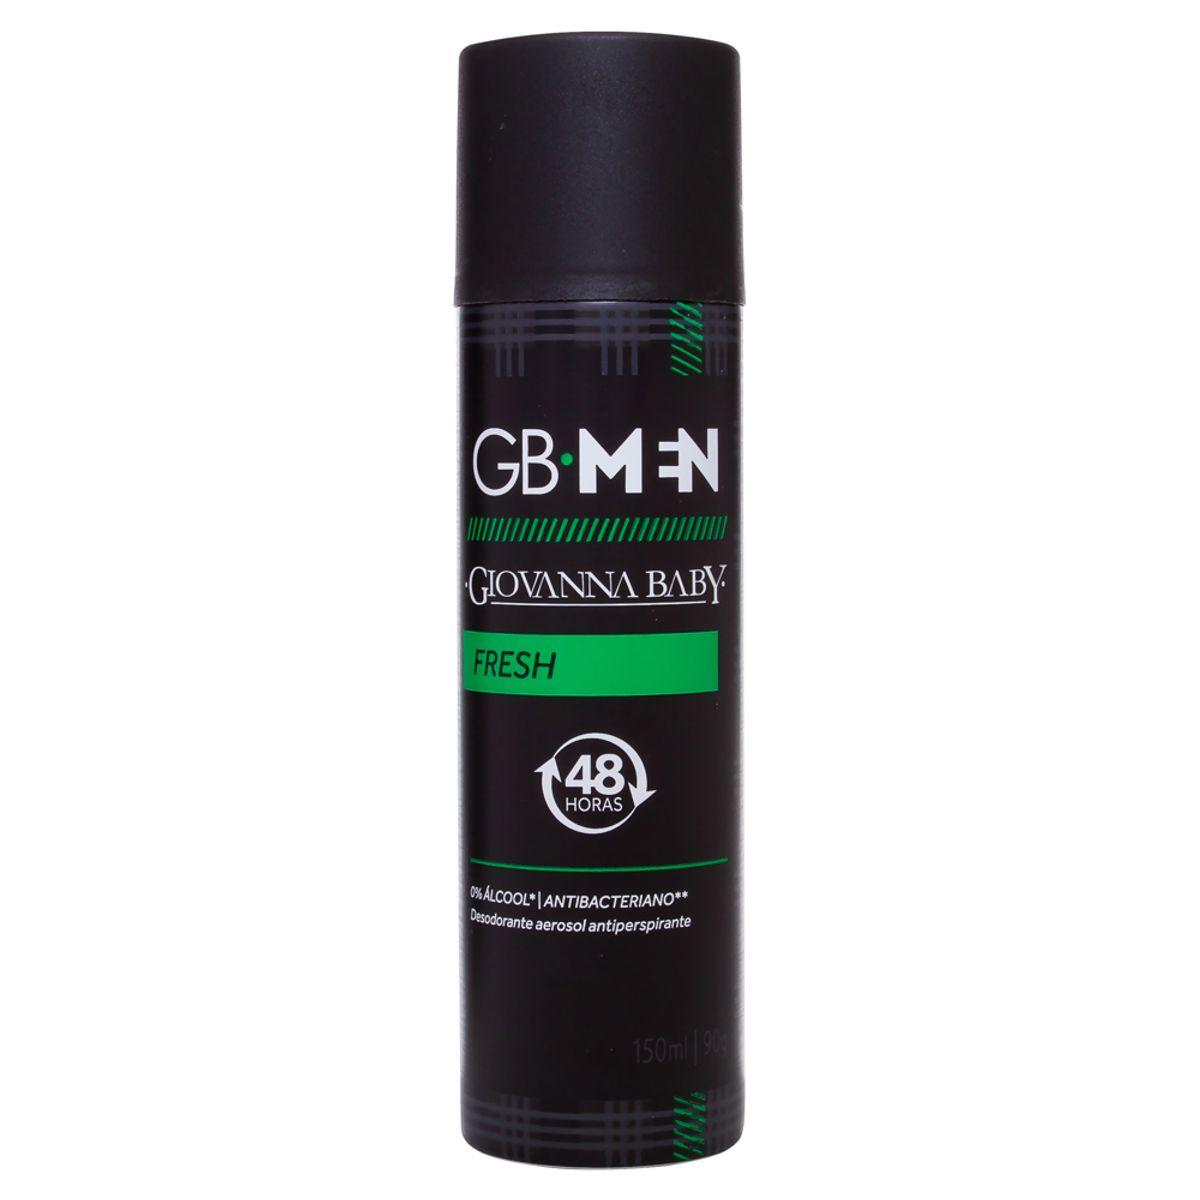 Desodorante Aerosol Giovanna Baby GB Men Fresh - 150ml